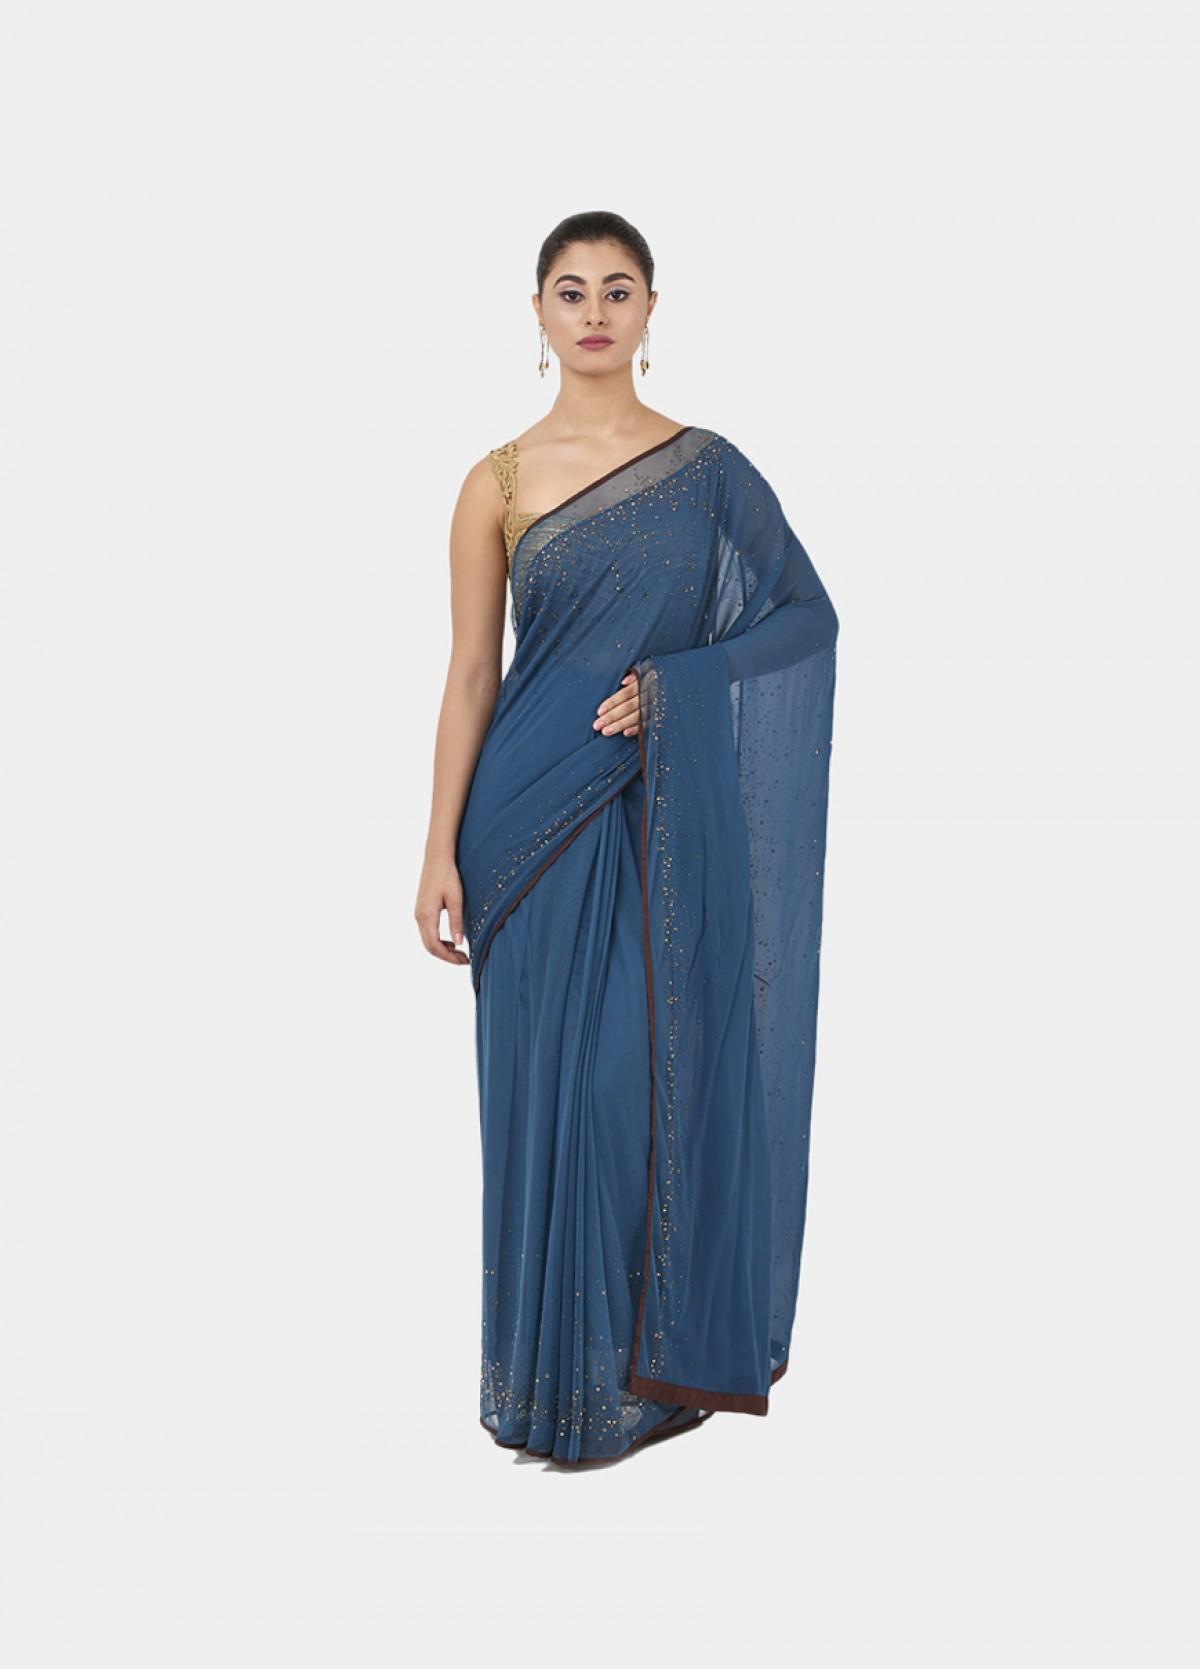 The Mahnorr(Moonlight) Sari